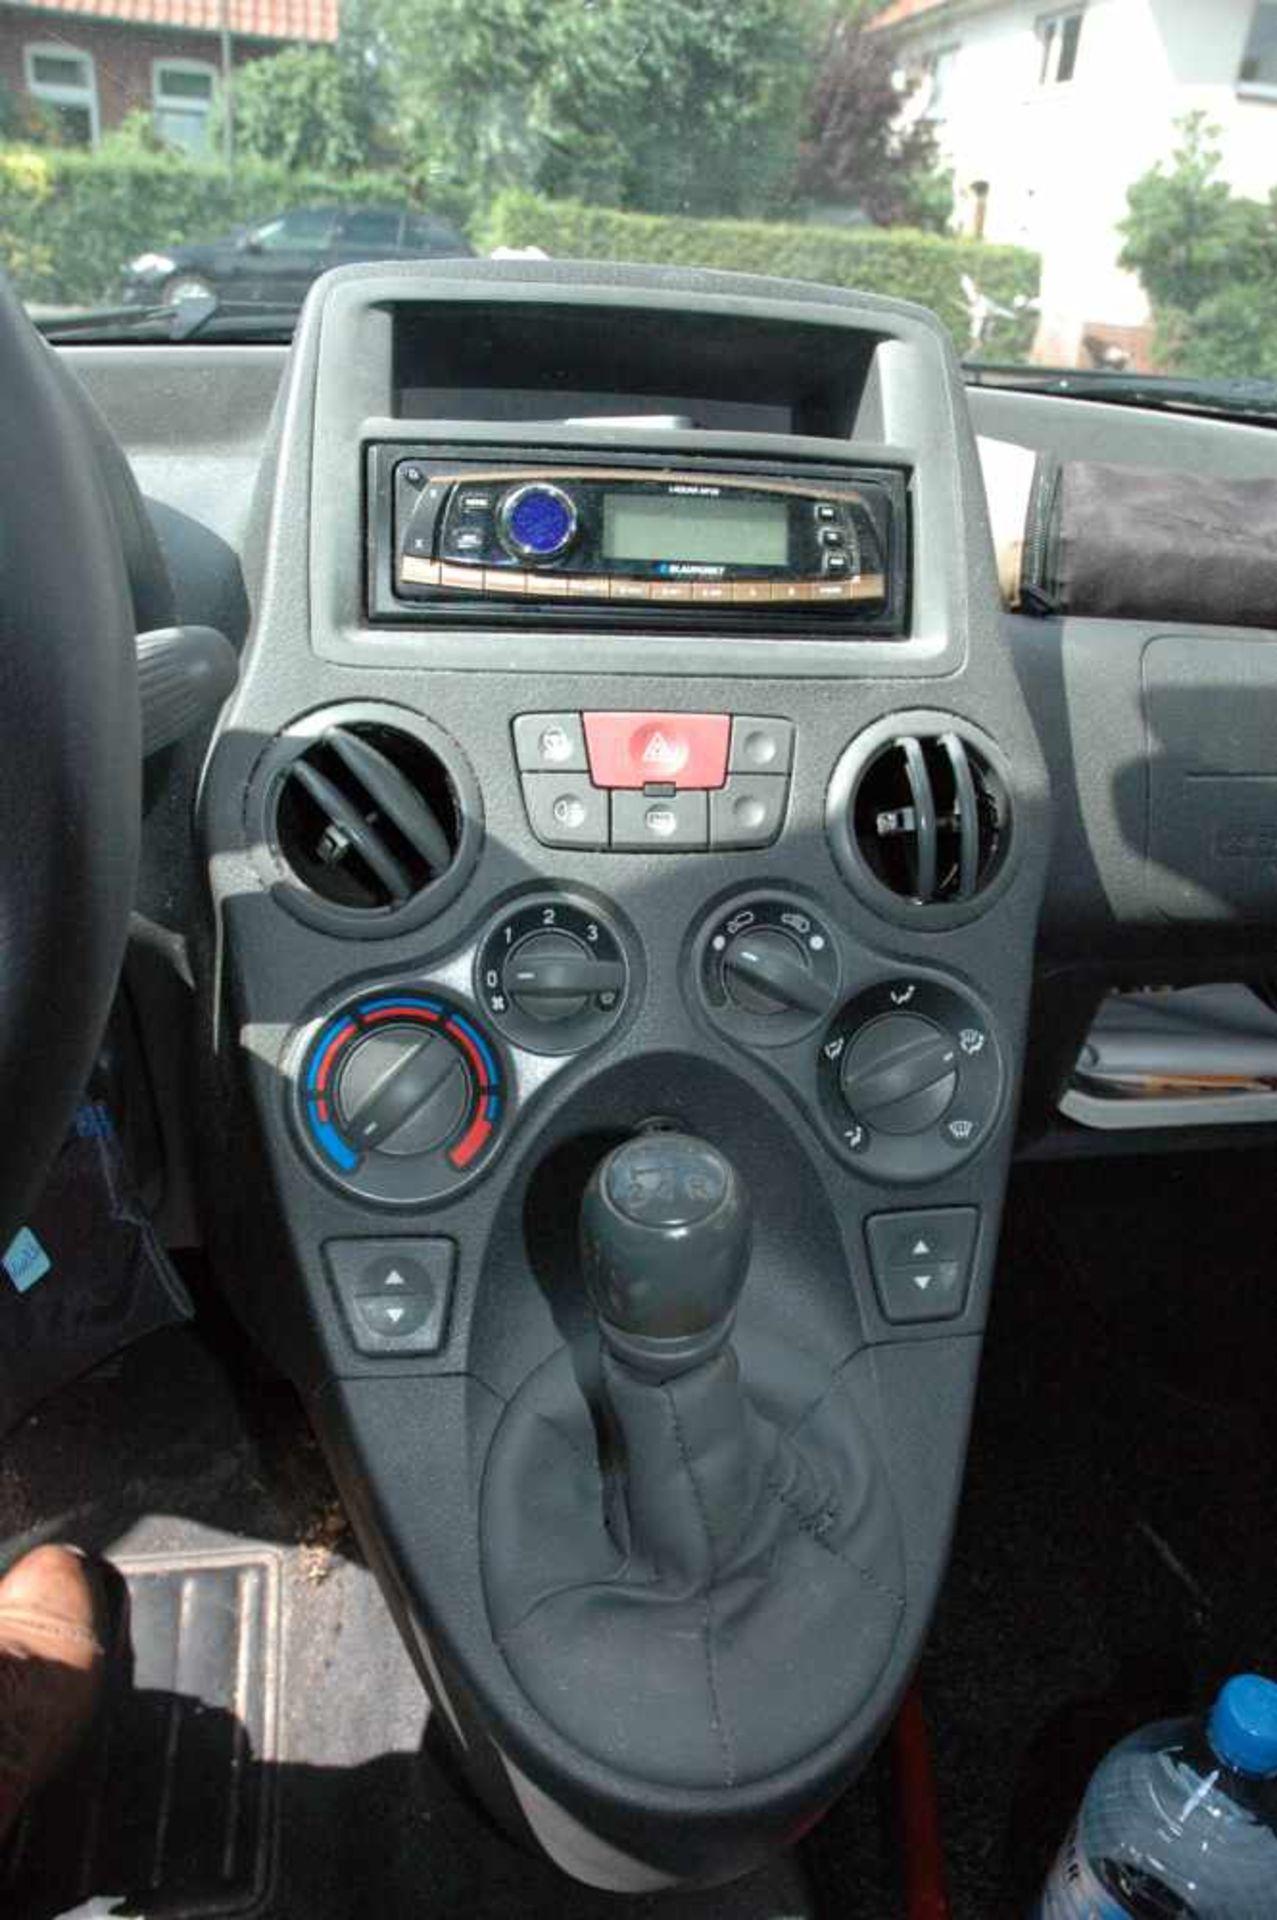 PKW, Fiat Panda, EZ 01.04.09, 40 kW, km-Stand: 130965m blau, TÜV 9/20, Benziner, Brief nicht - Bild 6 aus 9